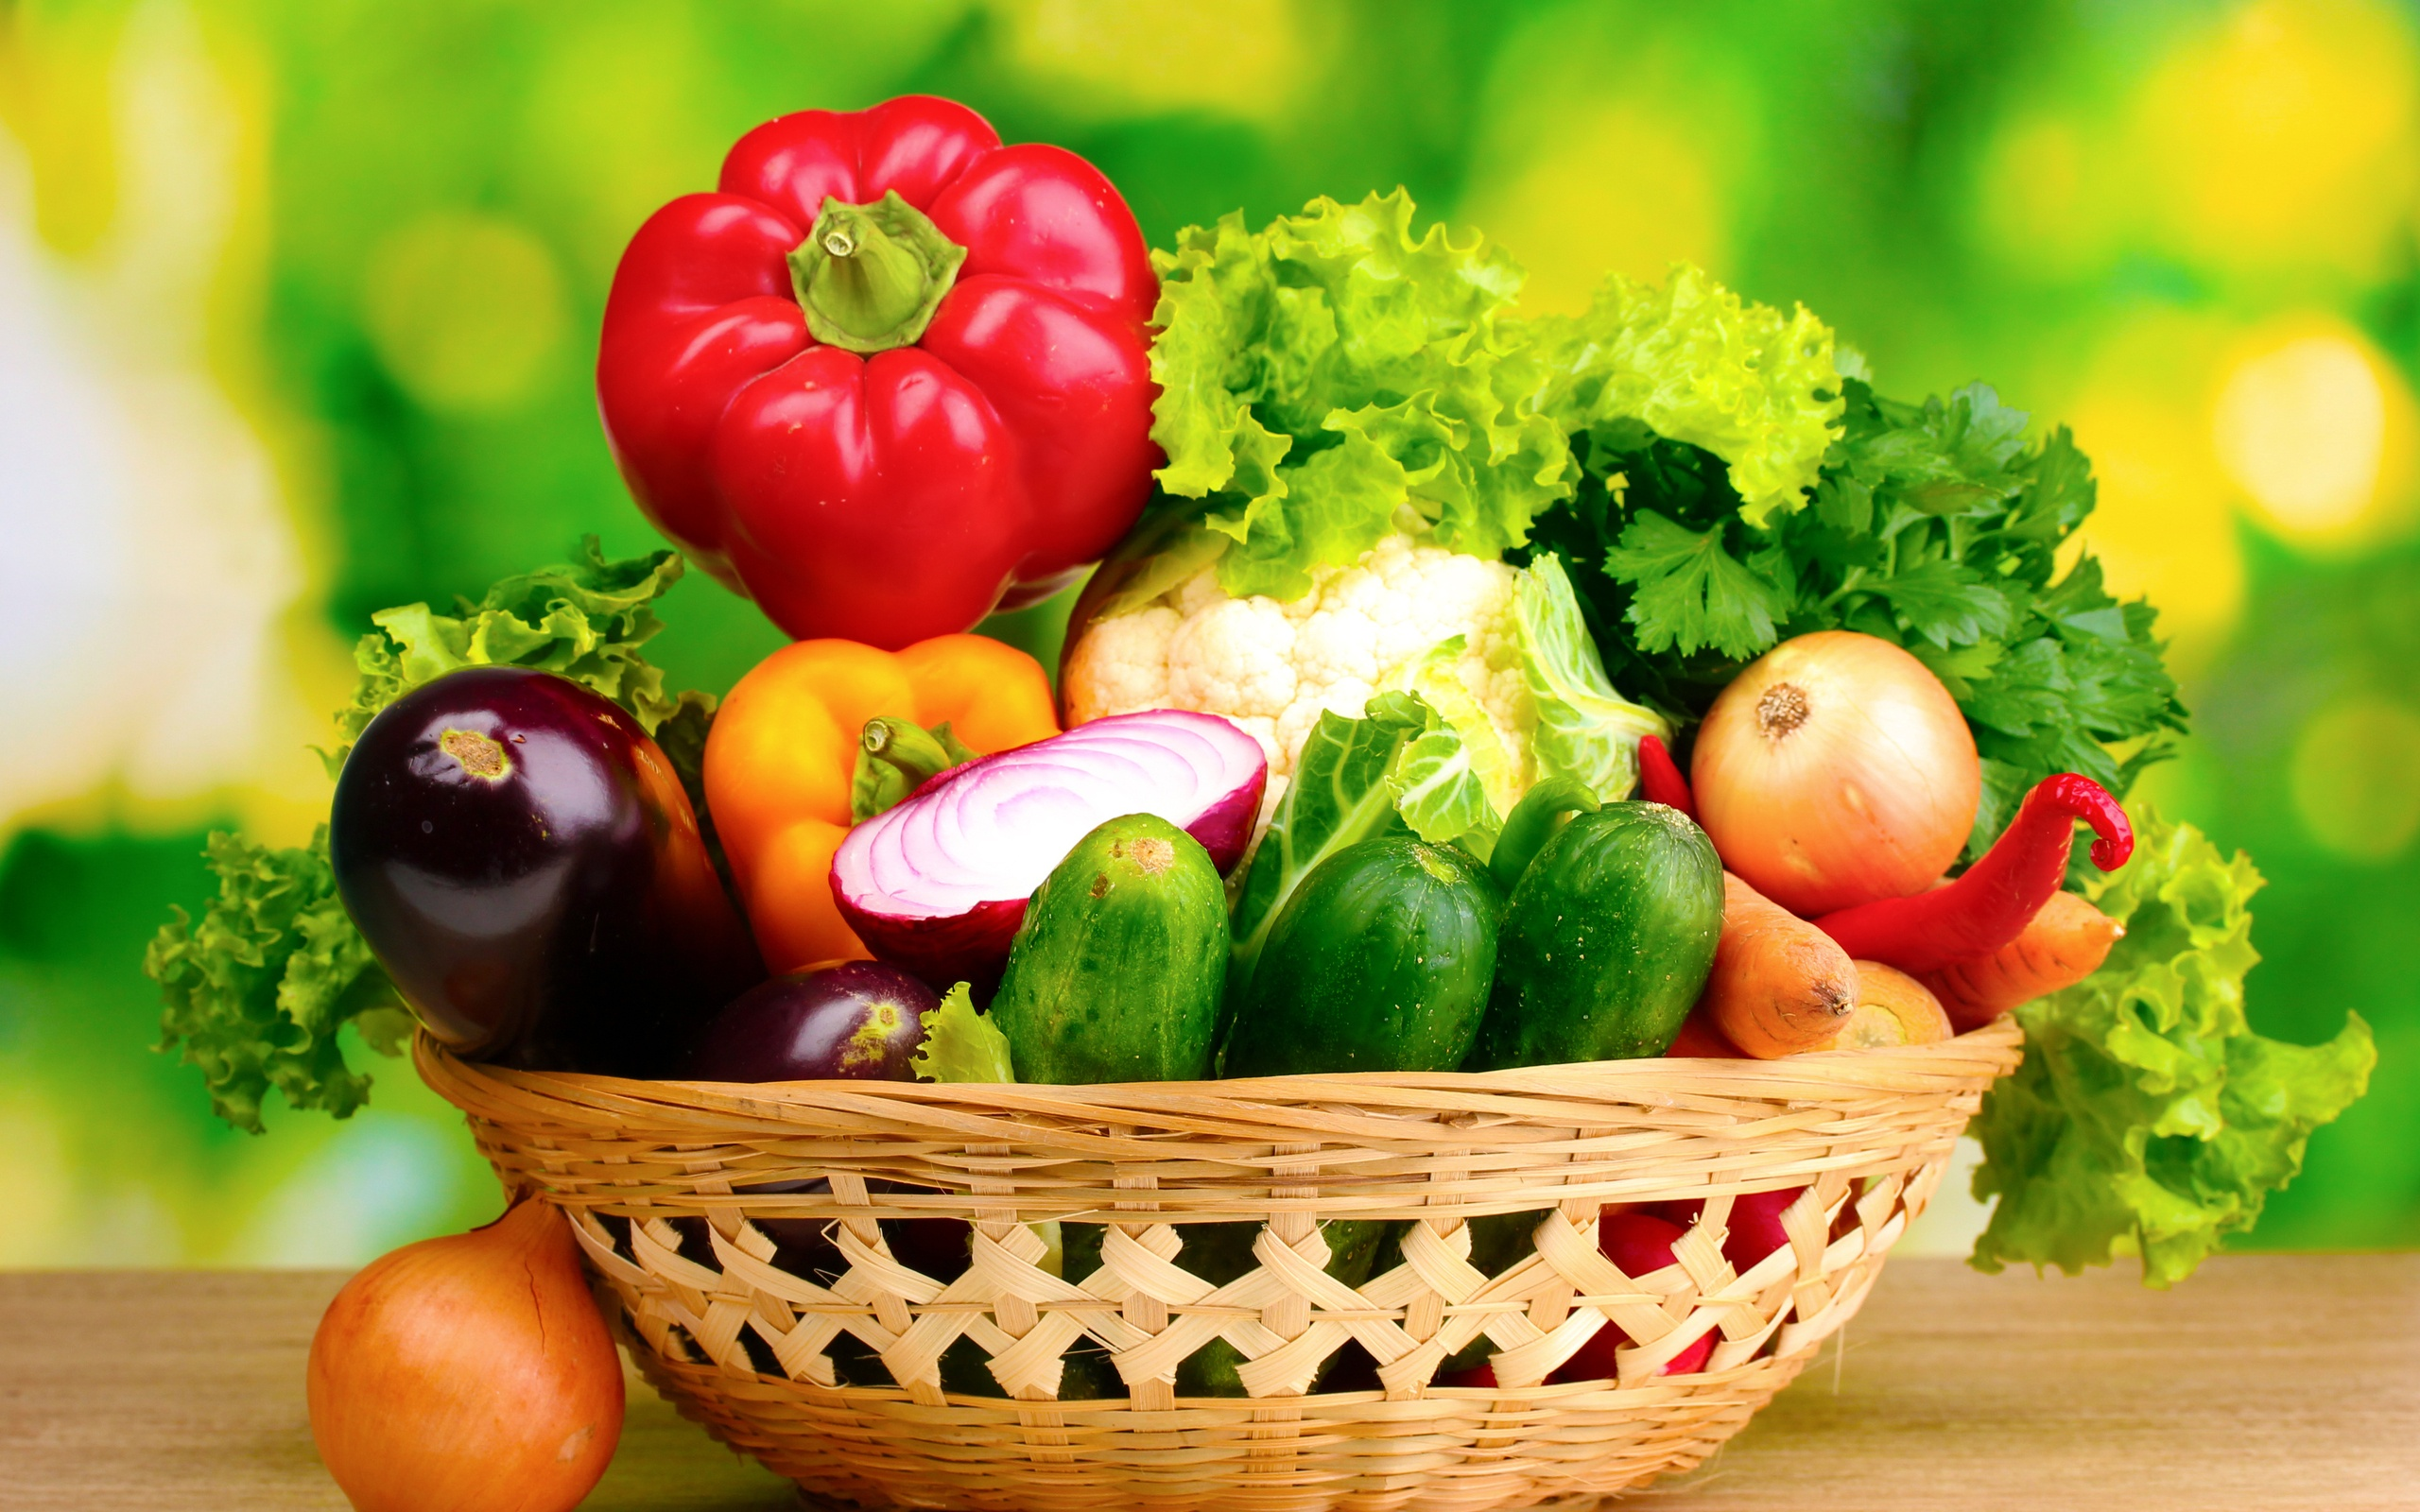 10 loại thực phẩm giúp làm sạch cơ thể.